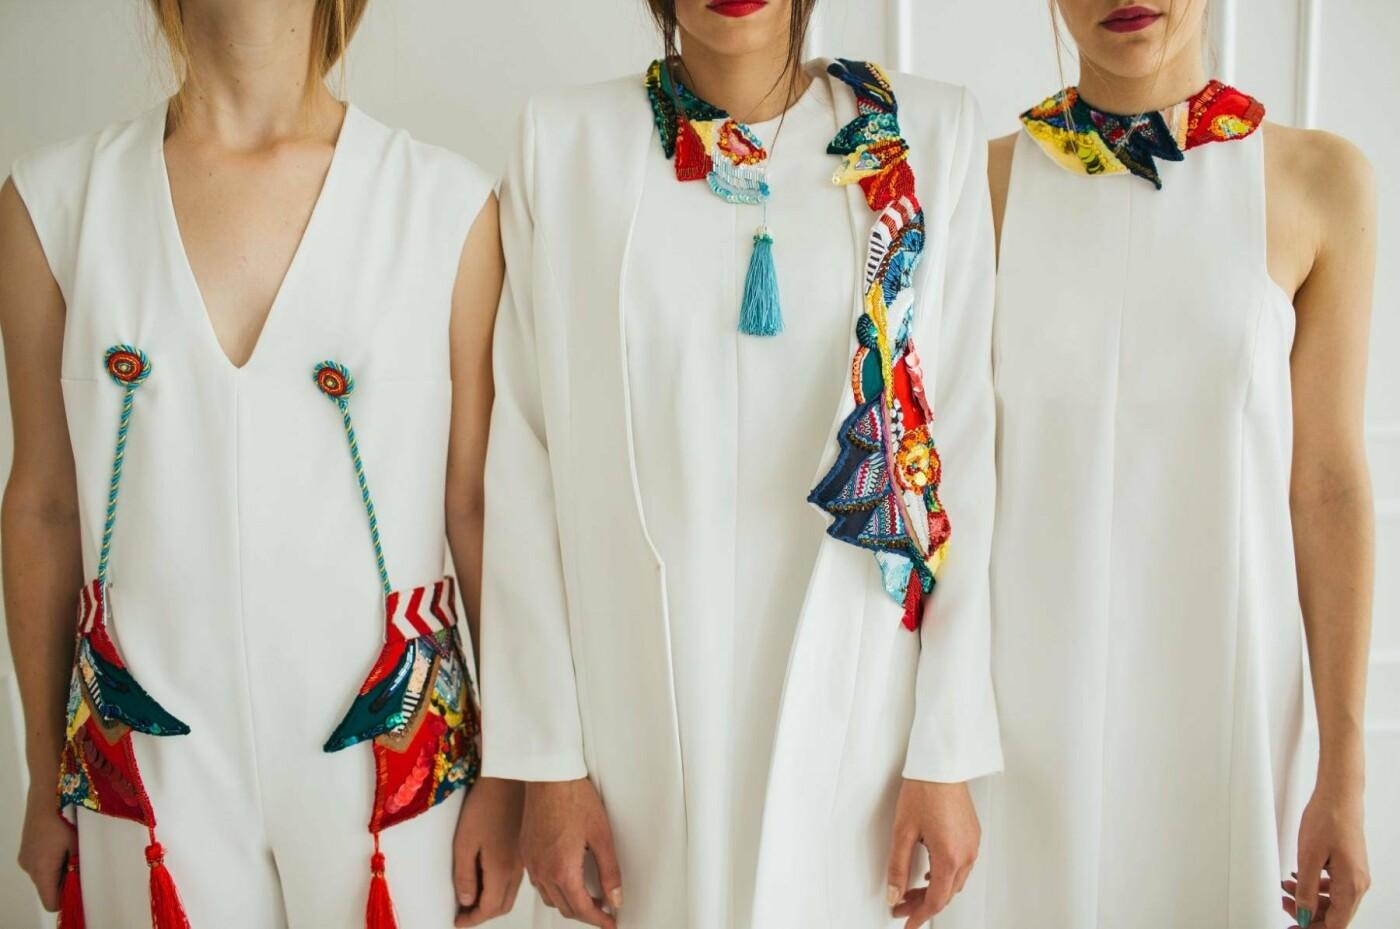 В Івано-Франківську створили колекцію одягу за мотивами вишивки авангарду. ФОТО, фото-9